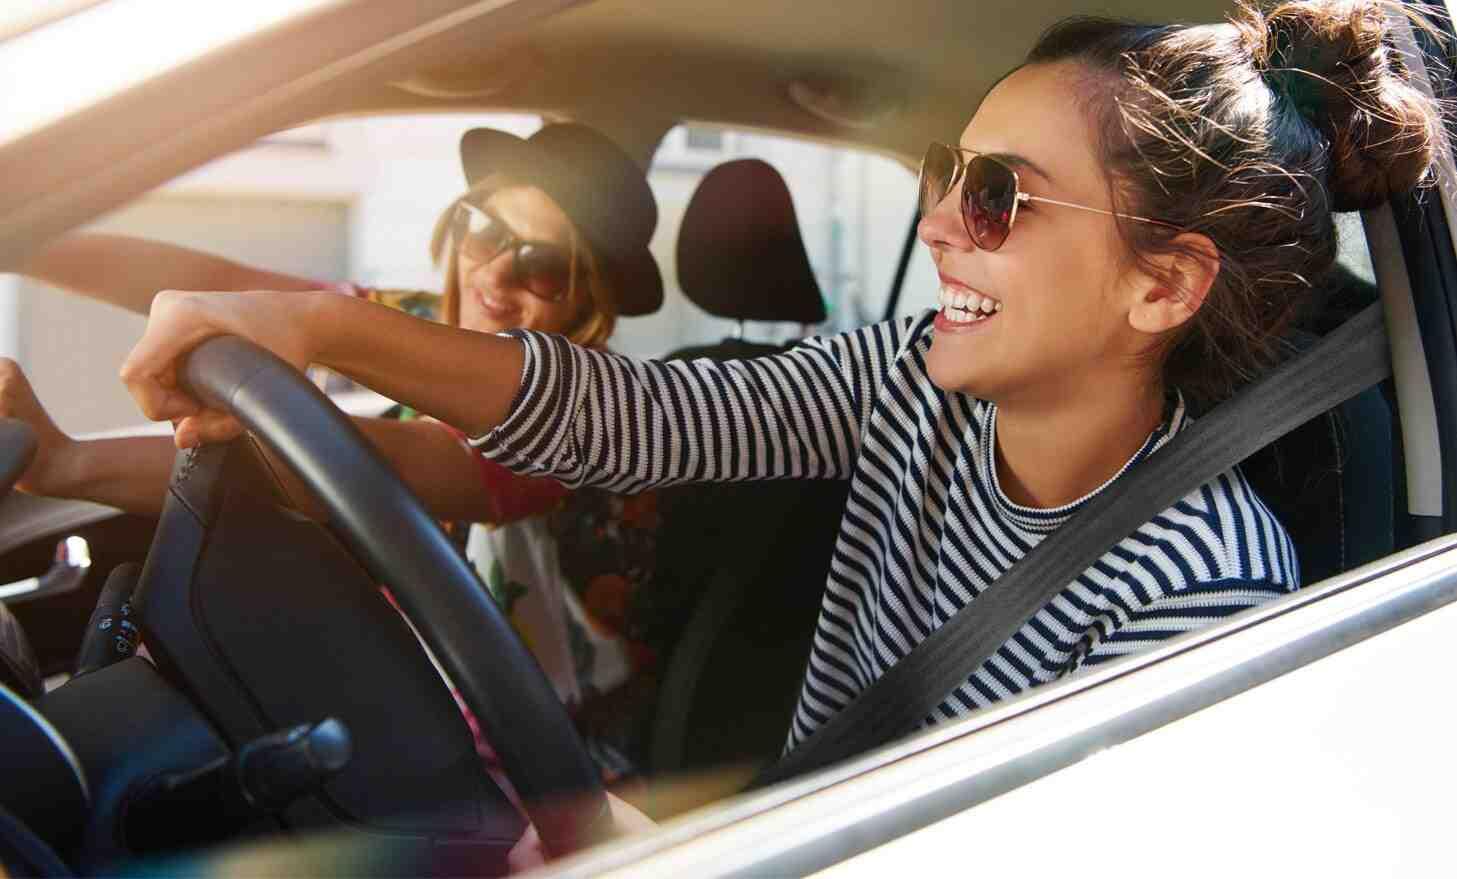 Puis-je acheter une voiture sans permis de conduire?